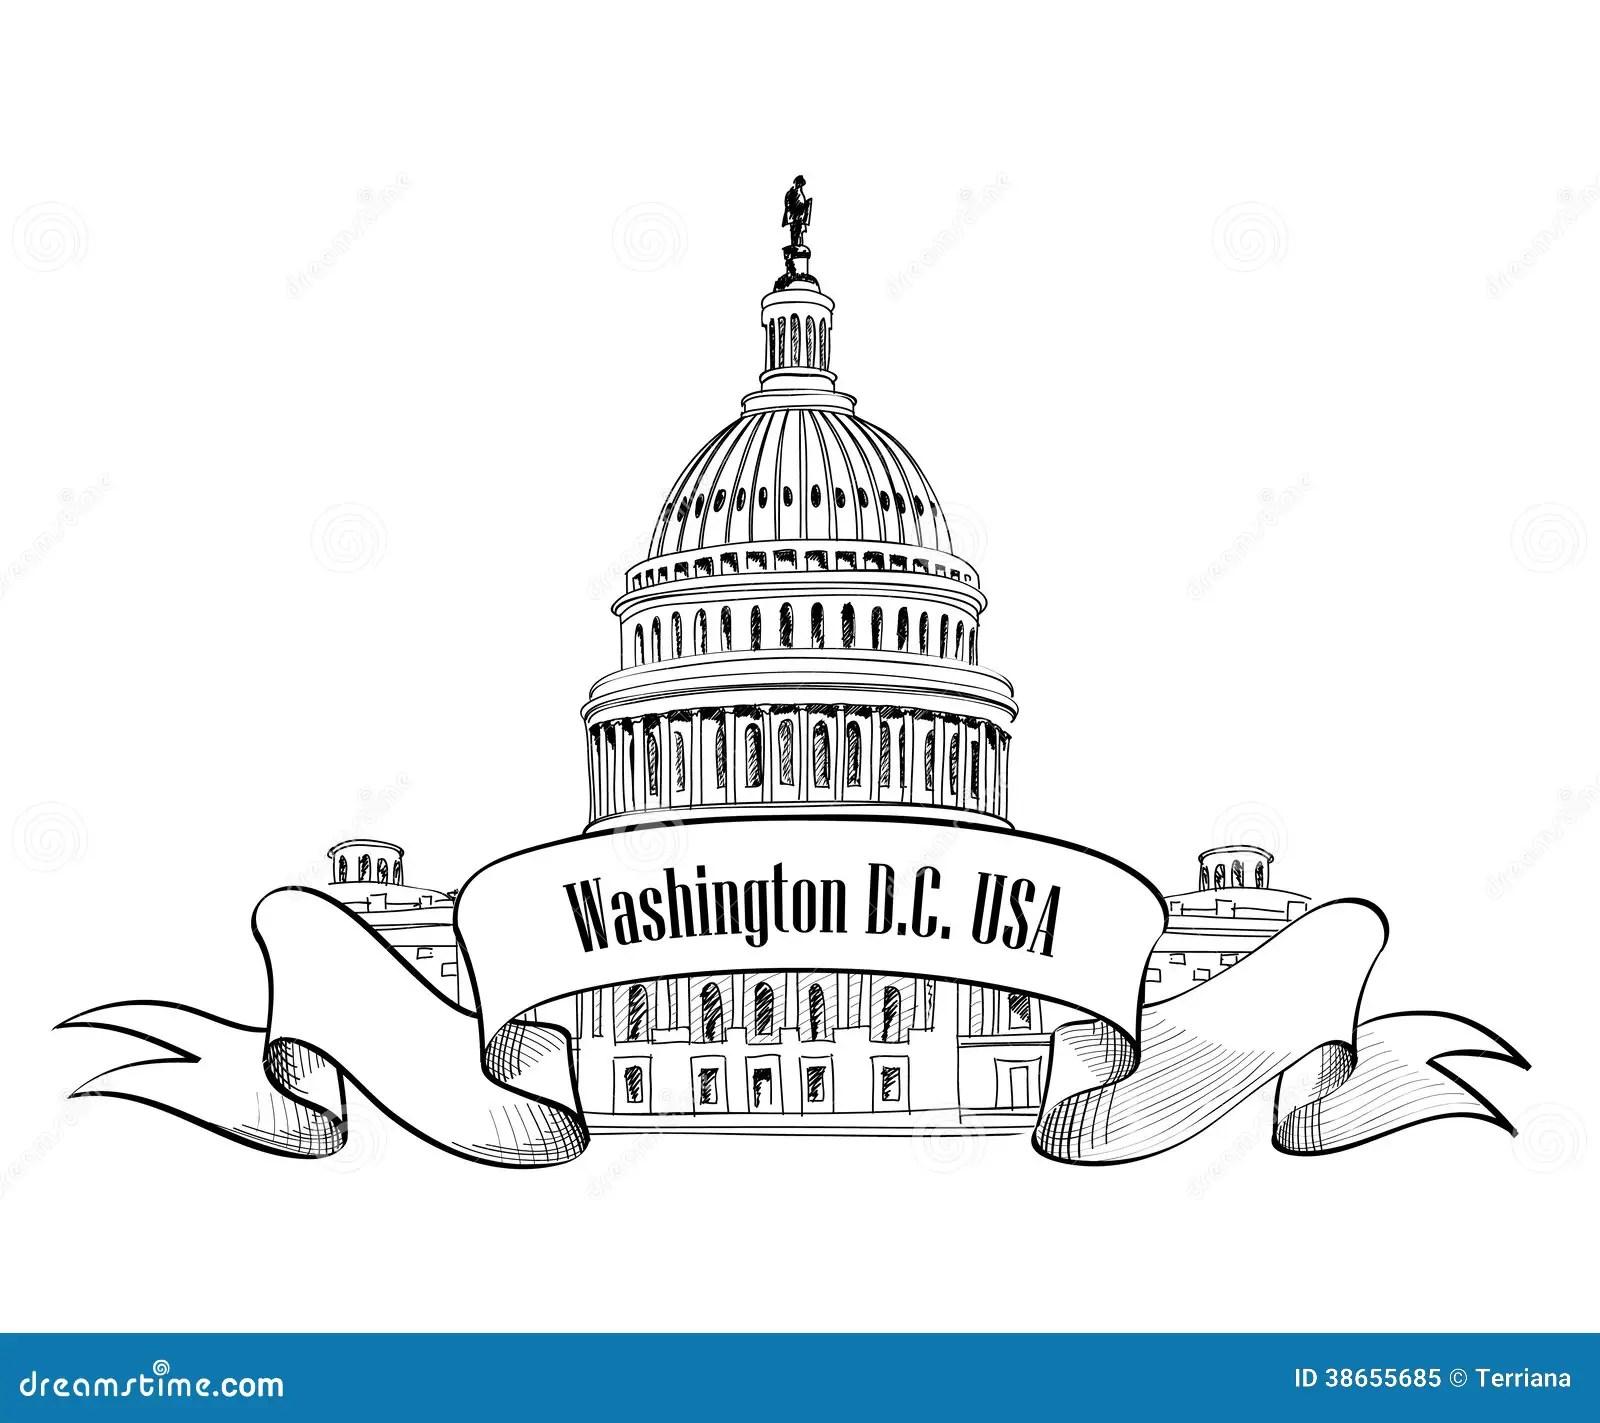 Washington Dc Icon Stock Image Image Of Historic